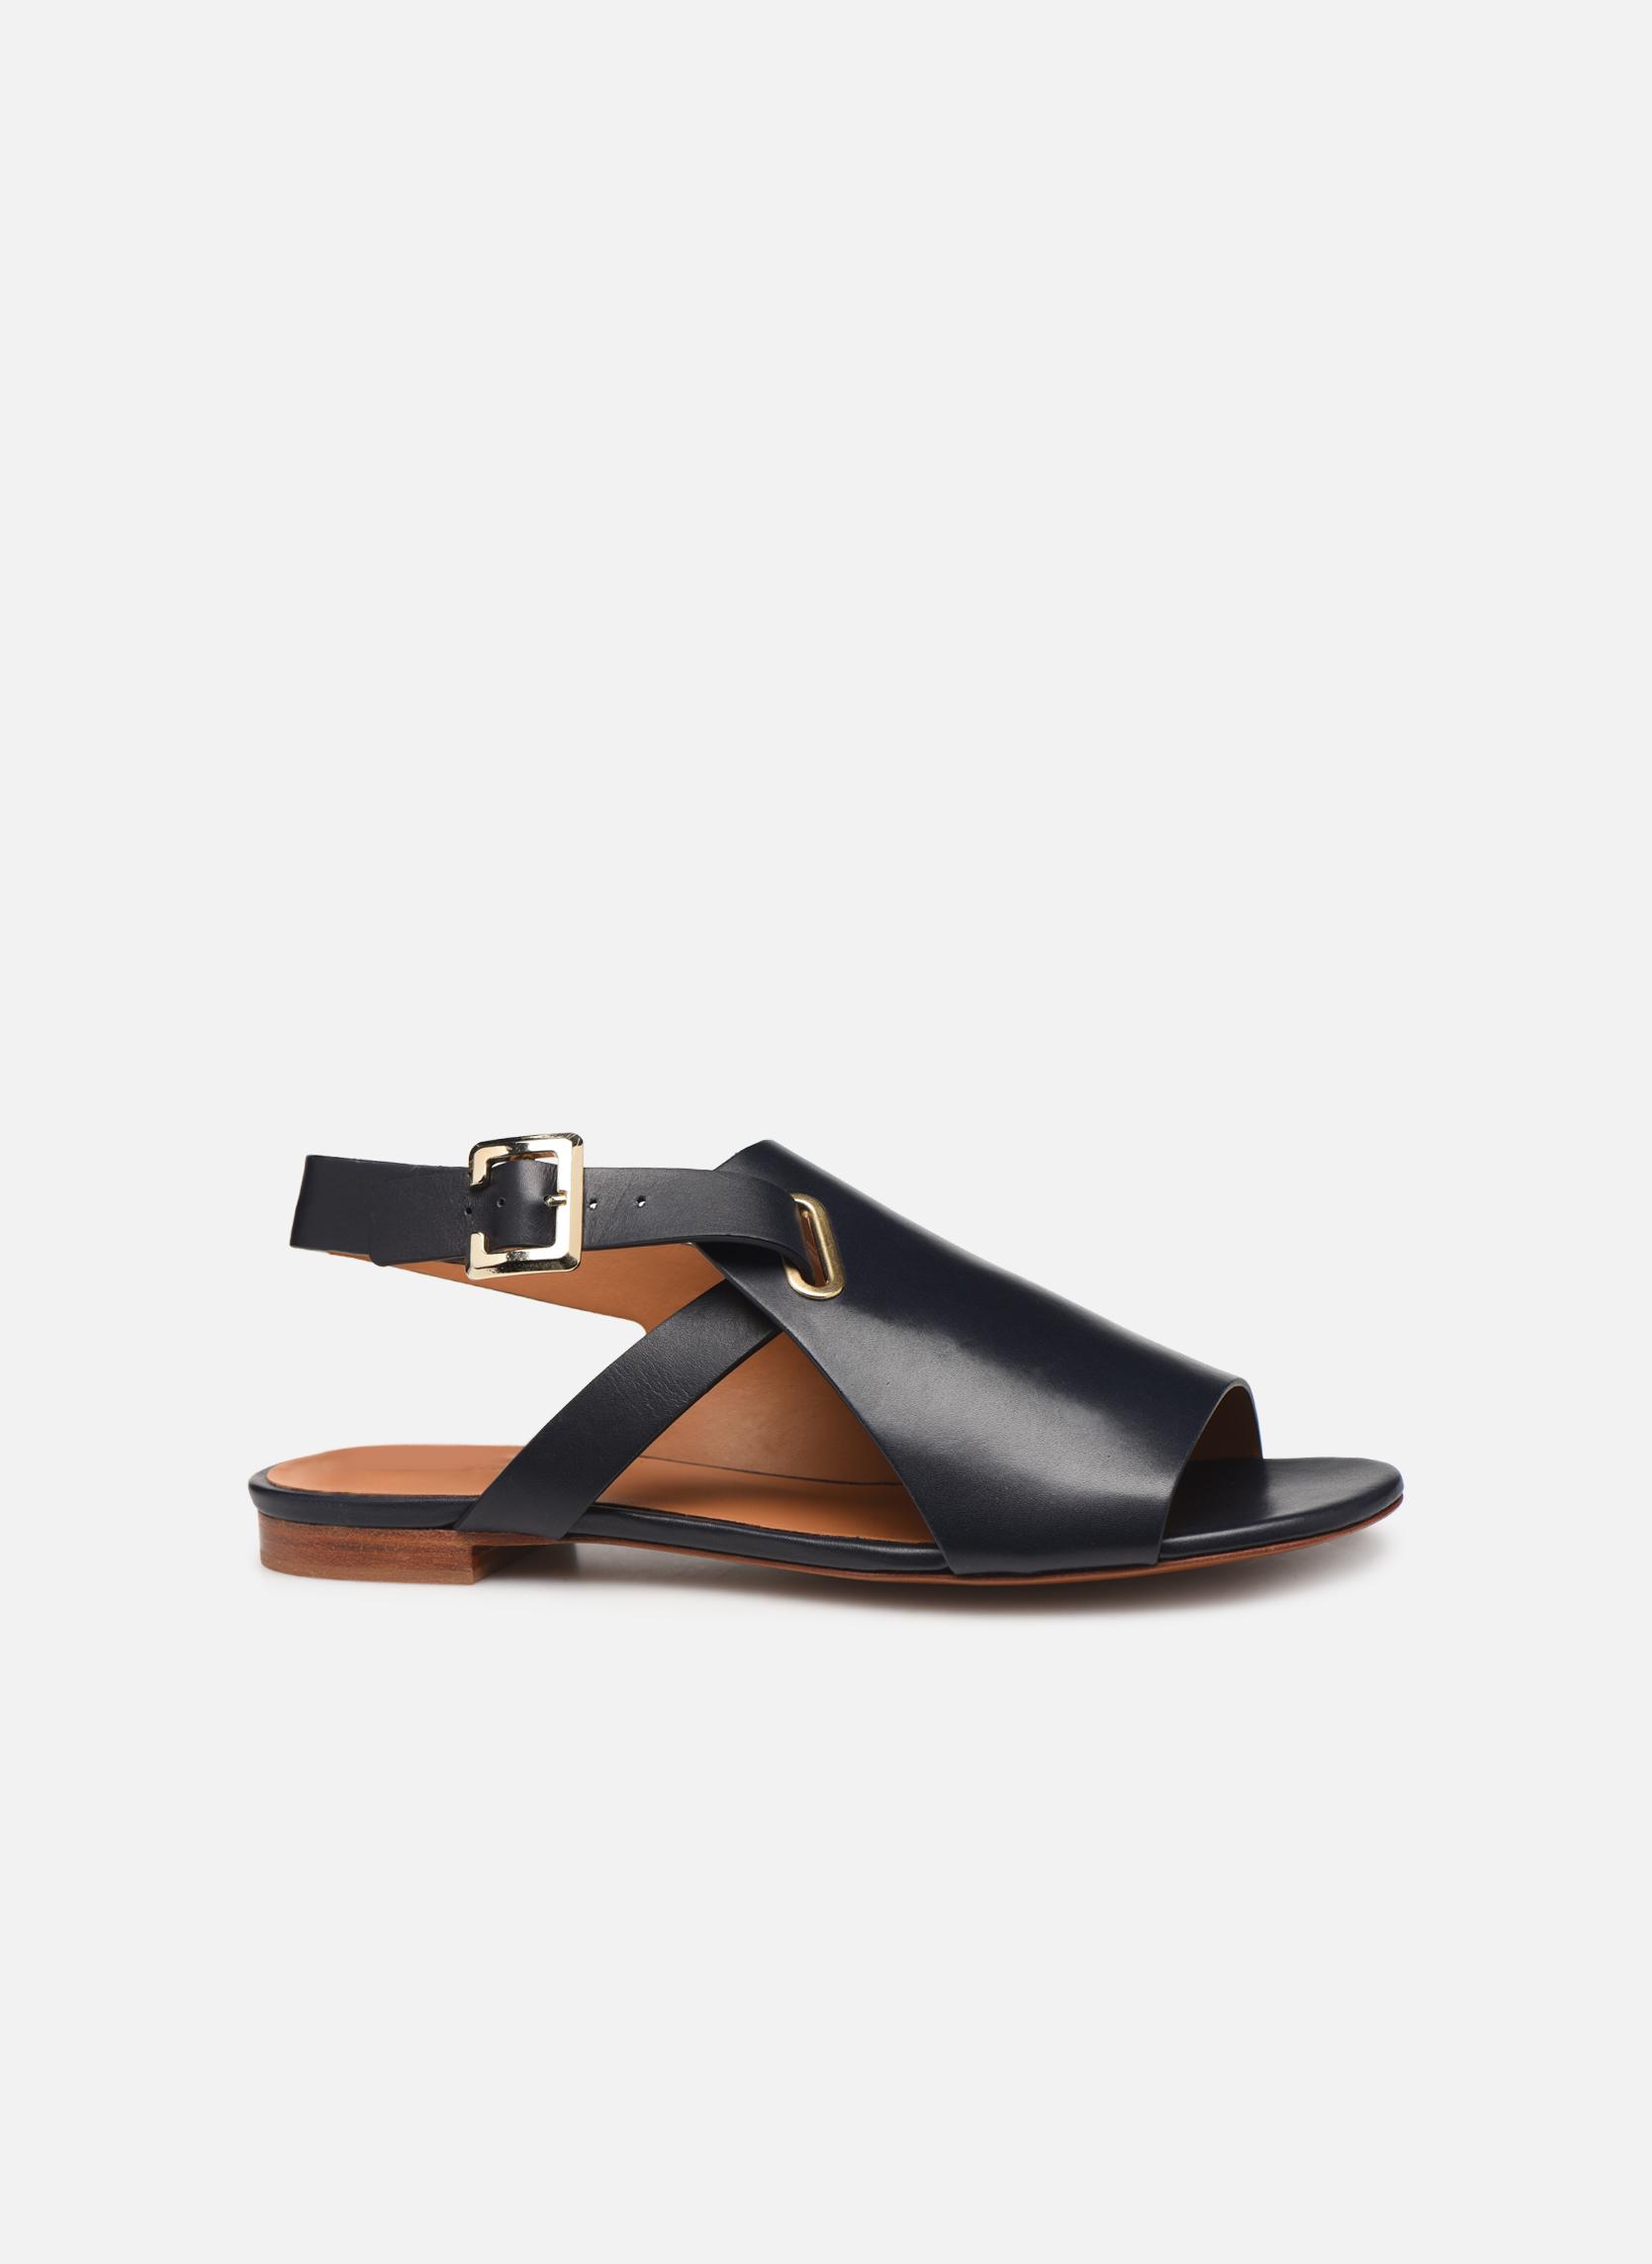 3023a6c25b1 Luxe schoenen - Sarenza.be, de online specialist in schoenen